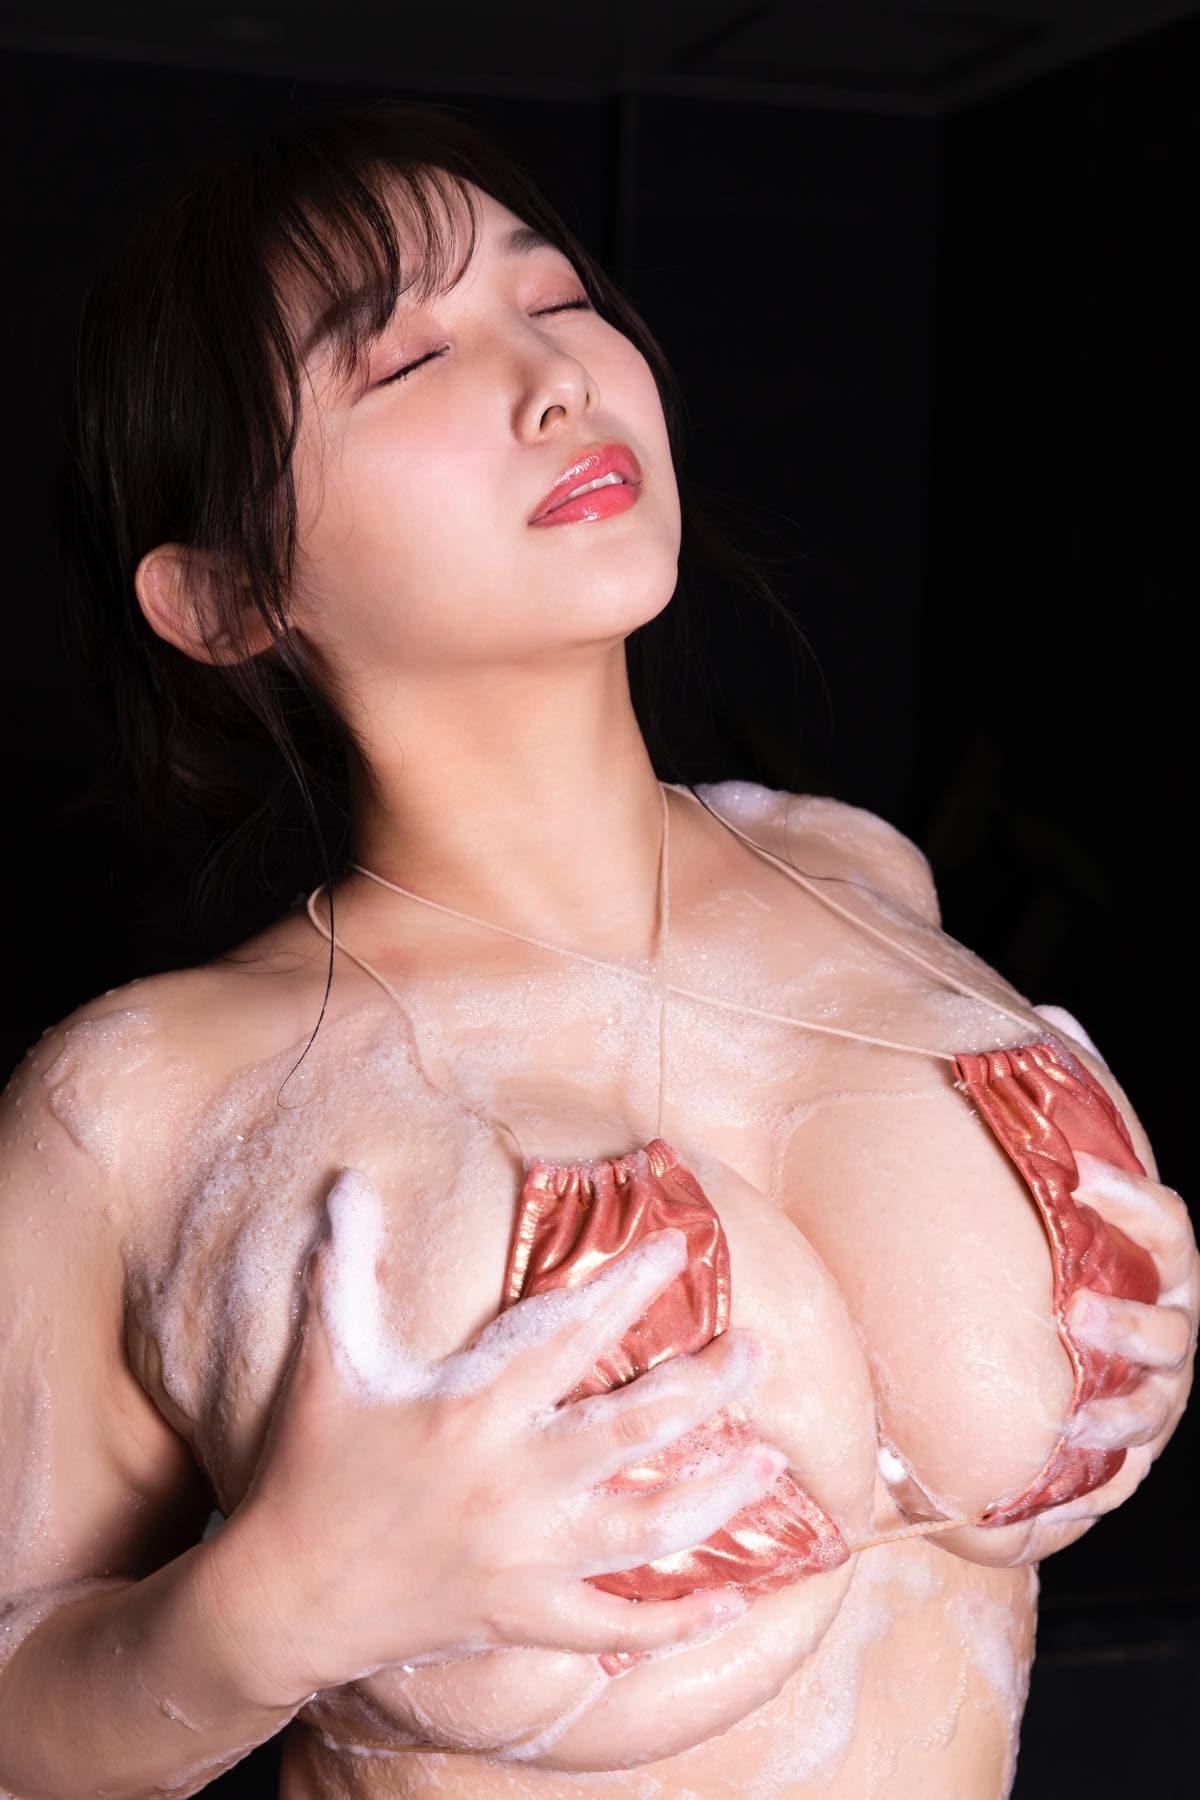 工藤唯「とんでもないカラダ」童顔に奇跡の103cm神バスト【画像12枚】の画像011